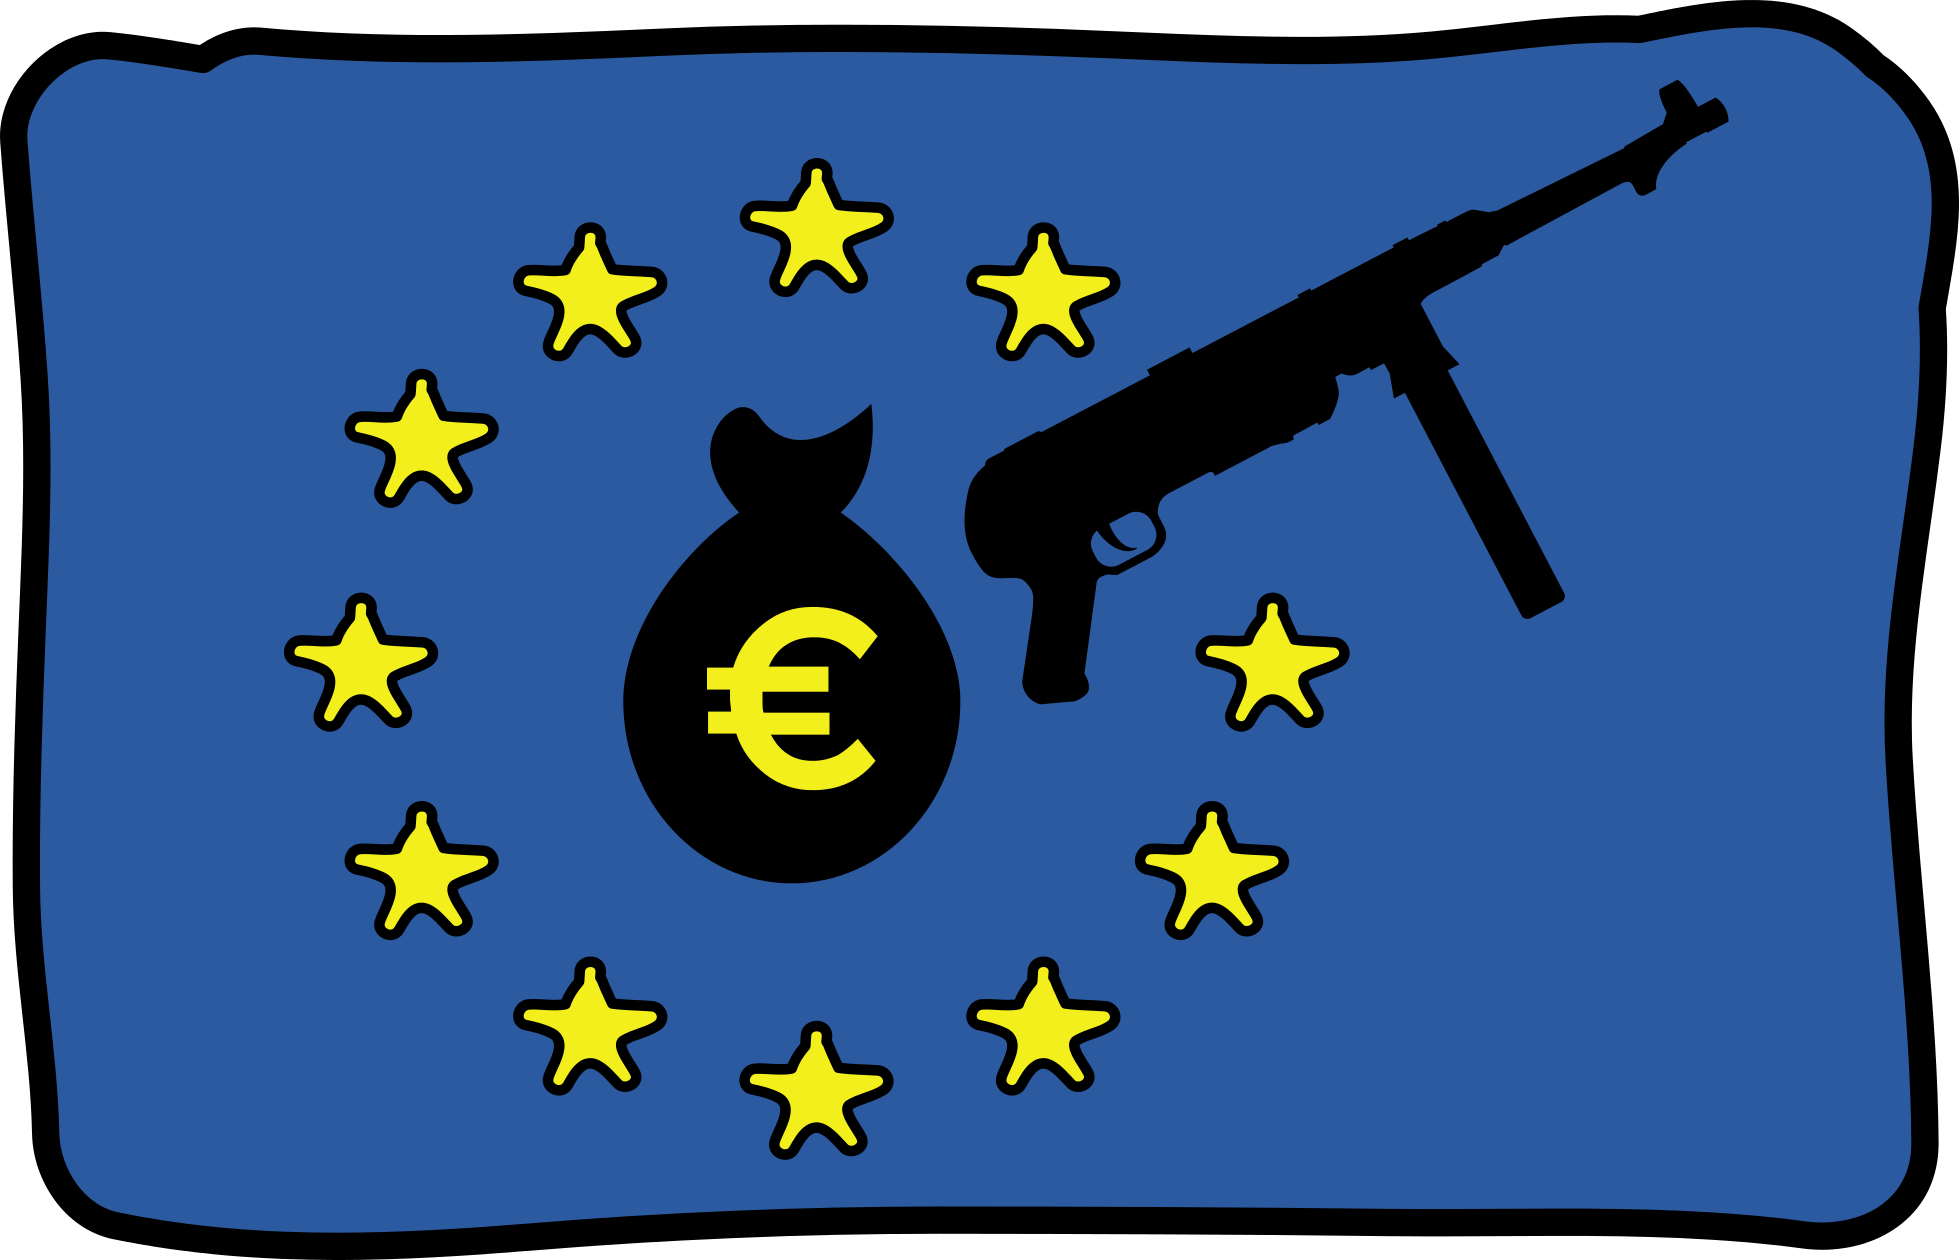 Nuove proposte UE: un grande favore all'industria delle armi